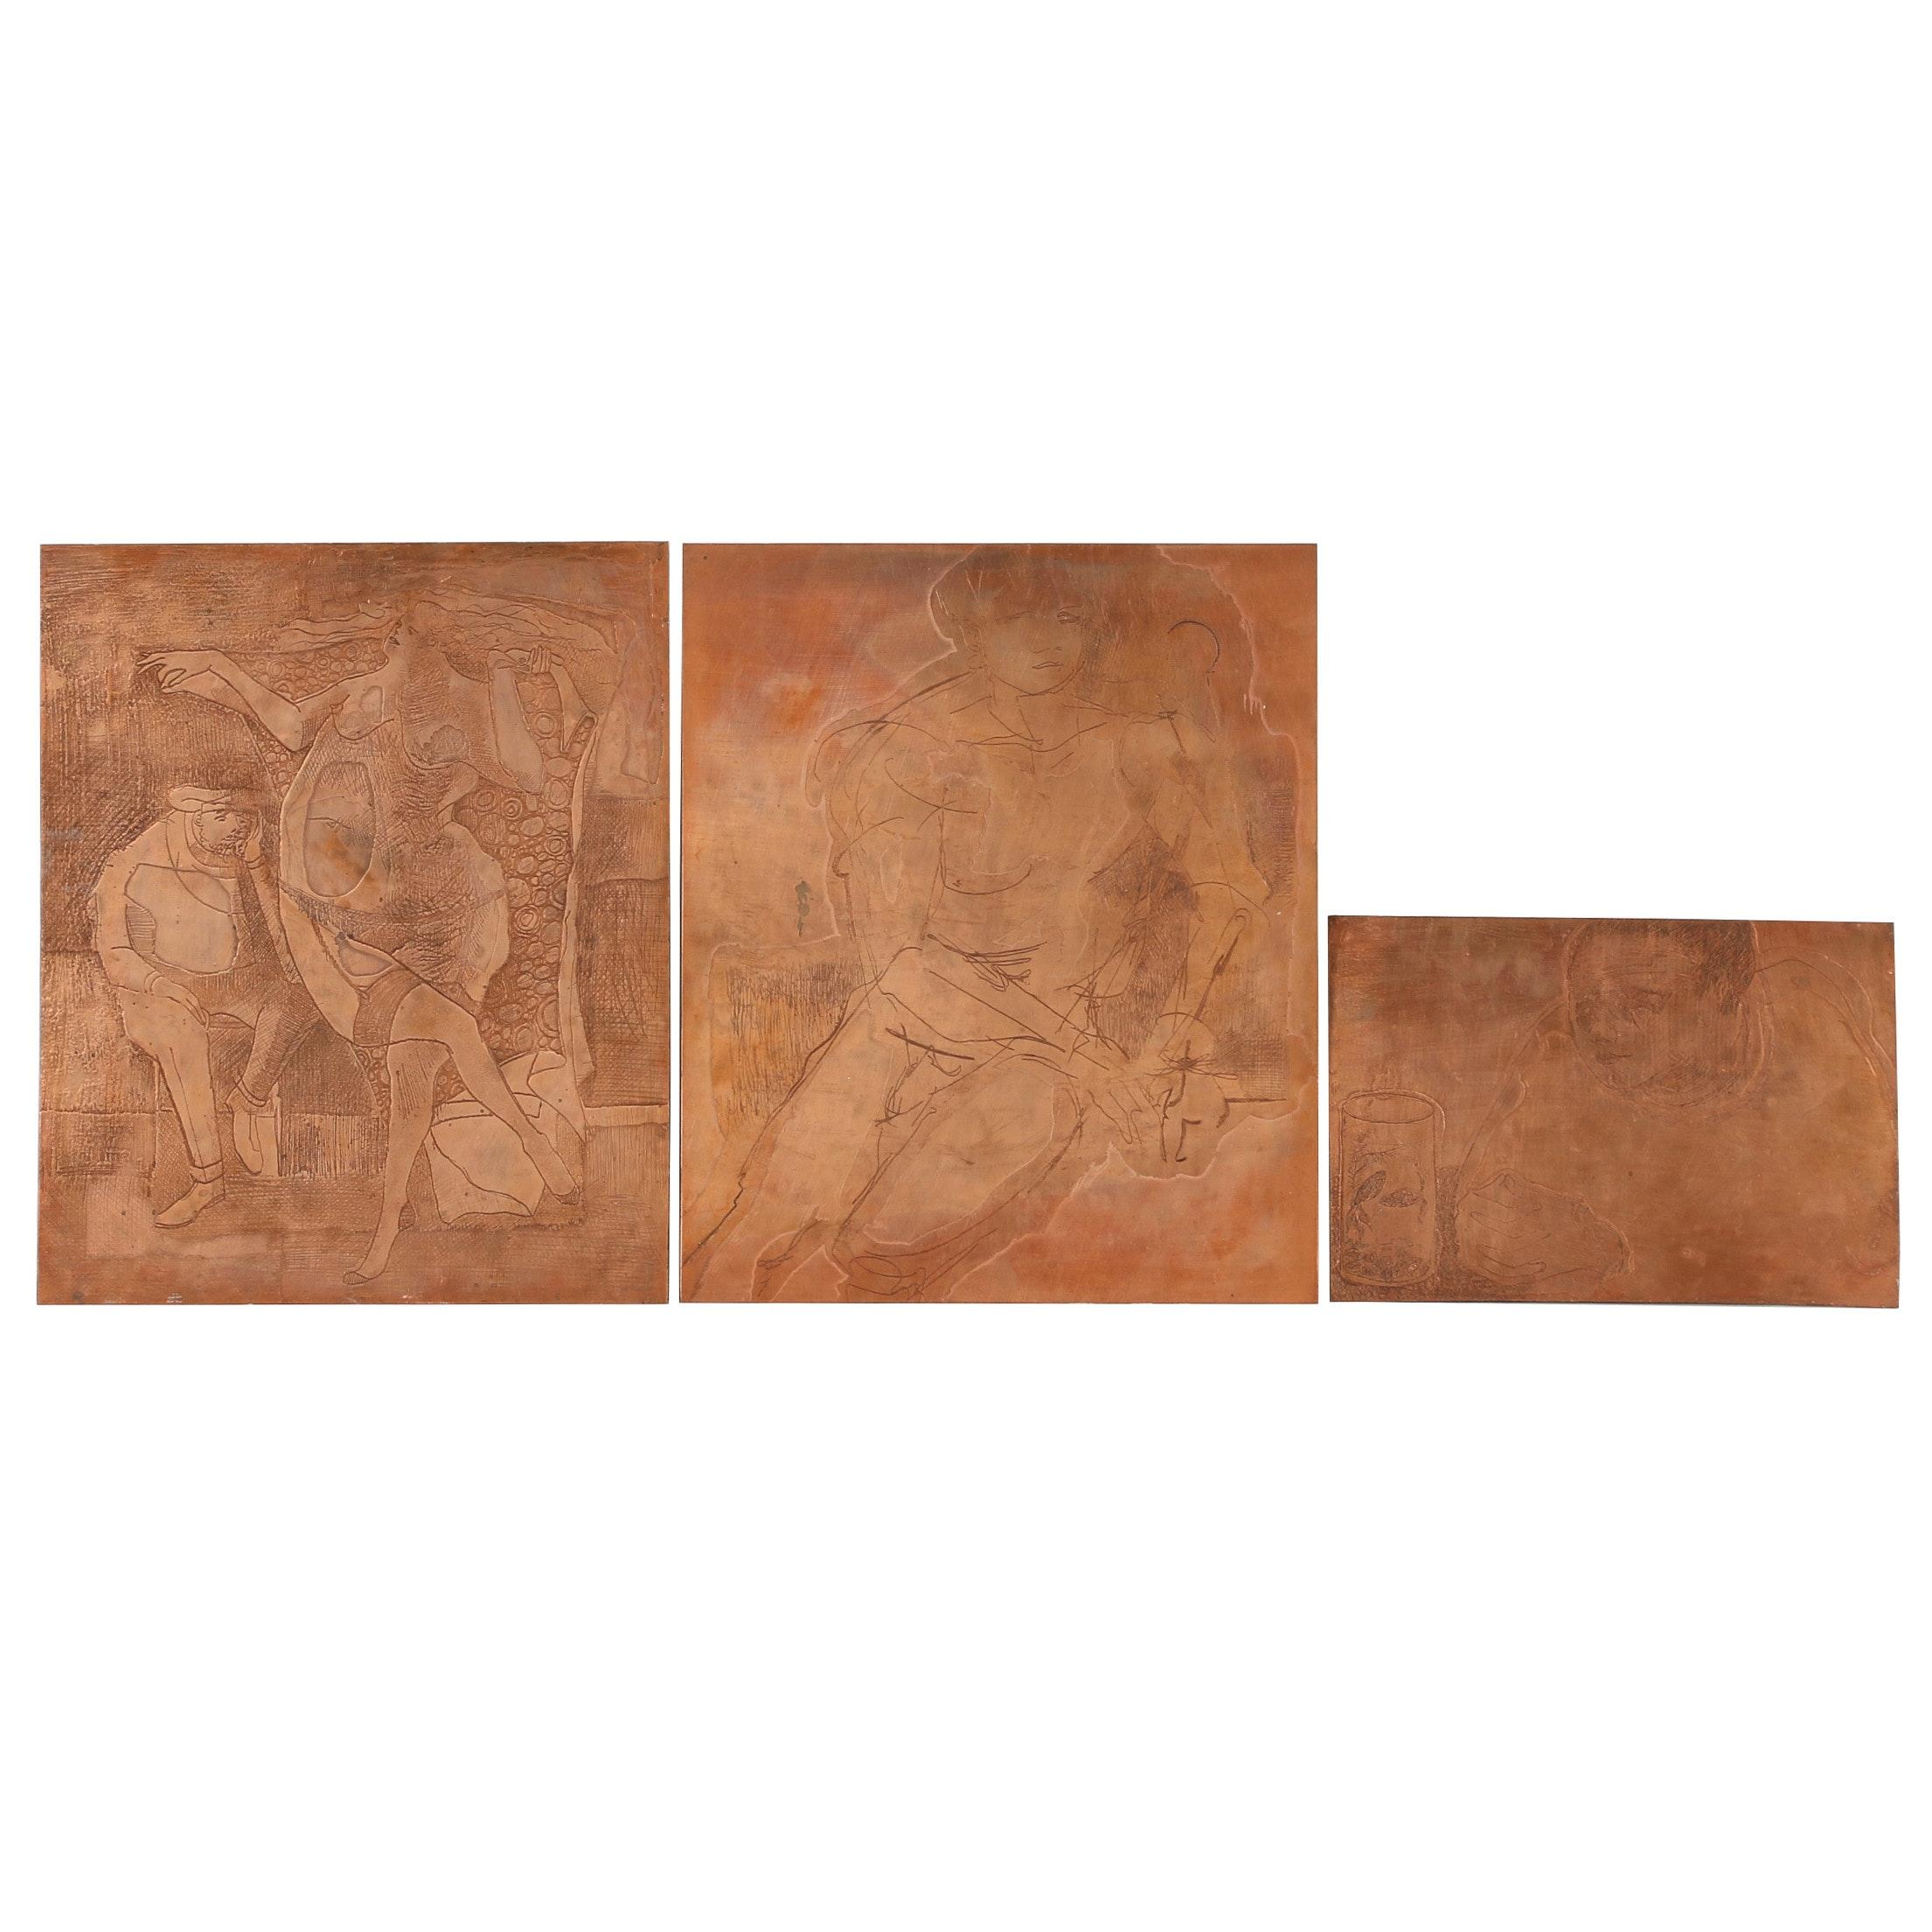 John Tuska Etched Copper Plates